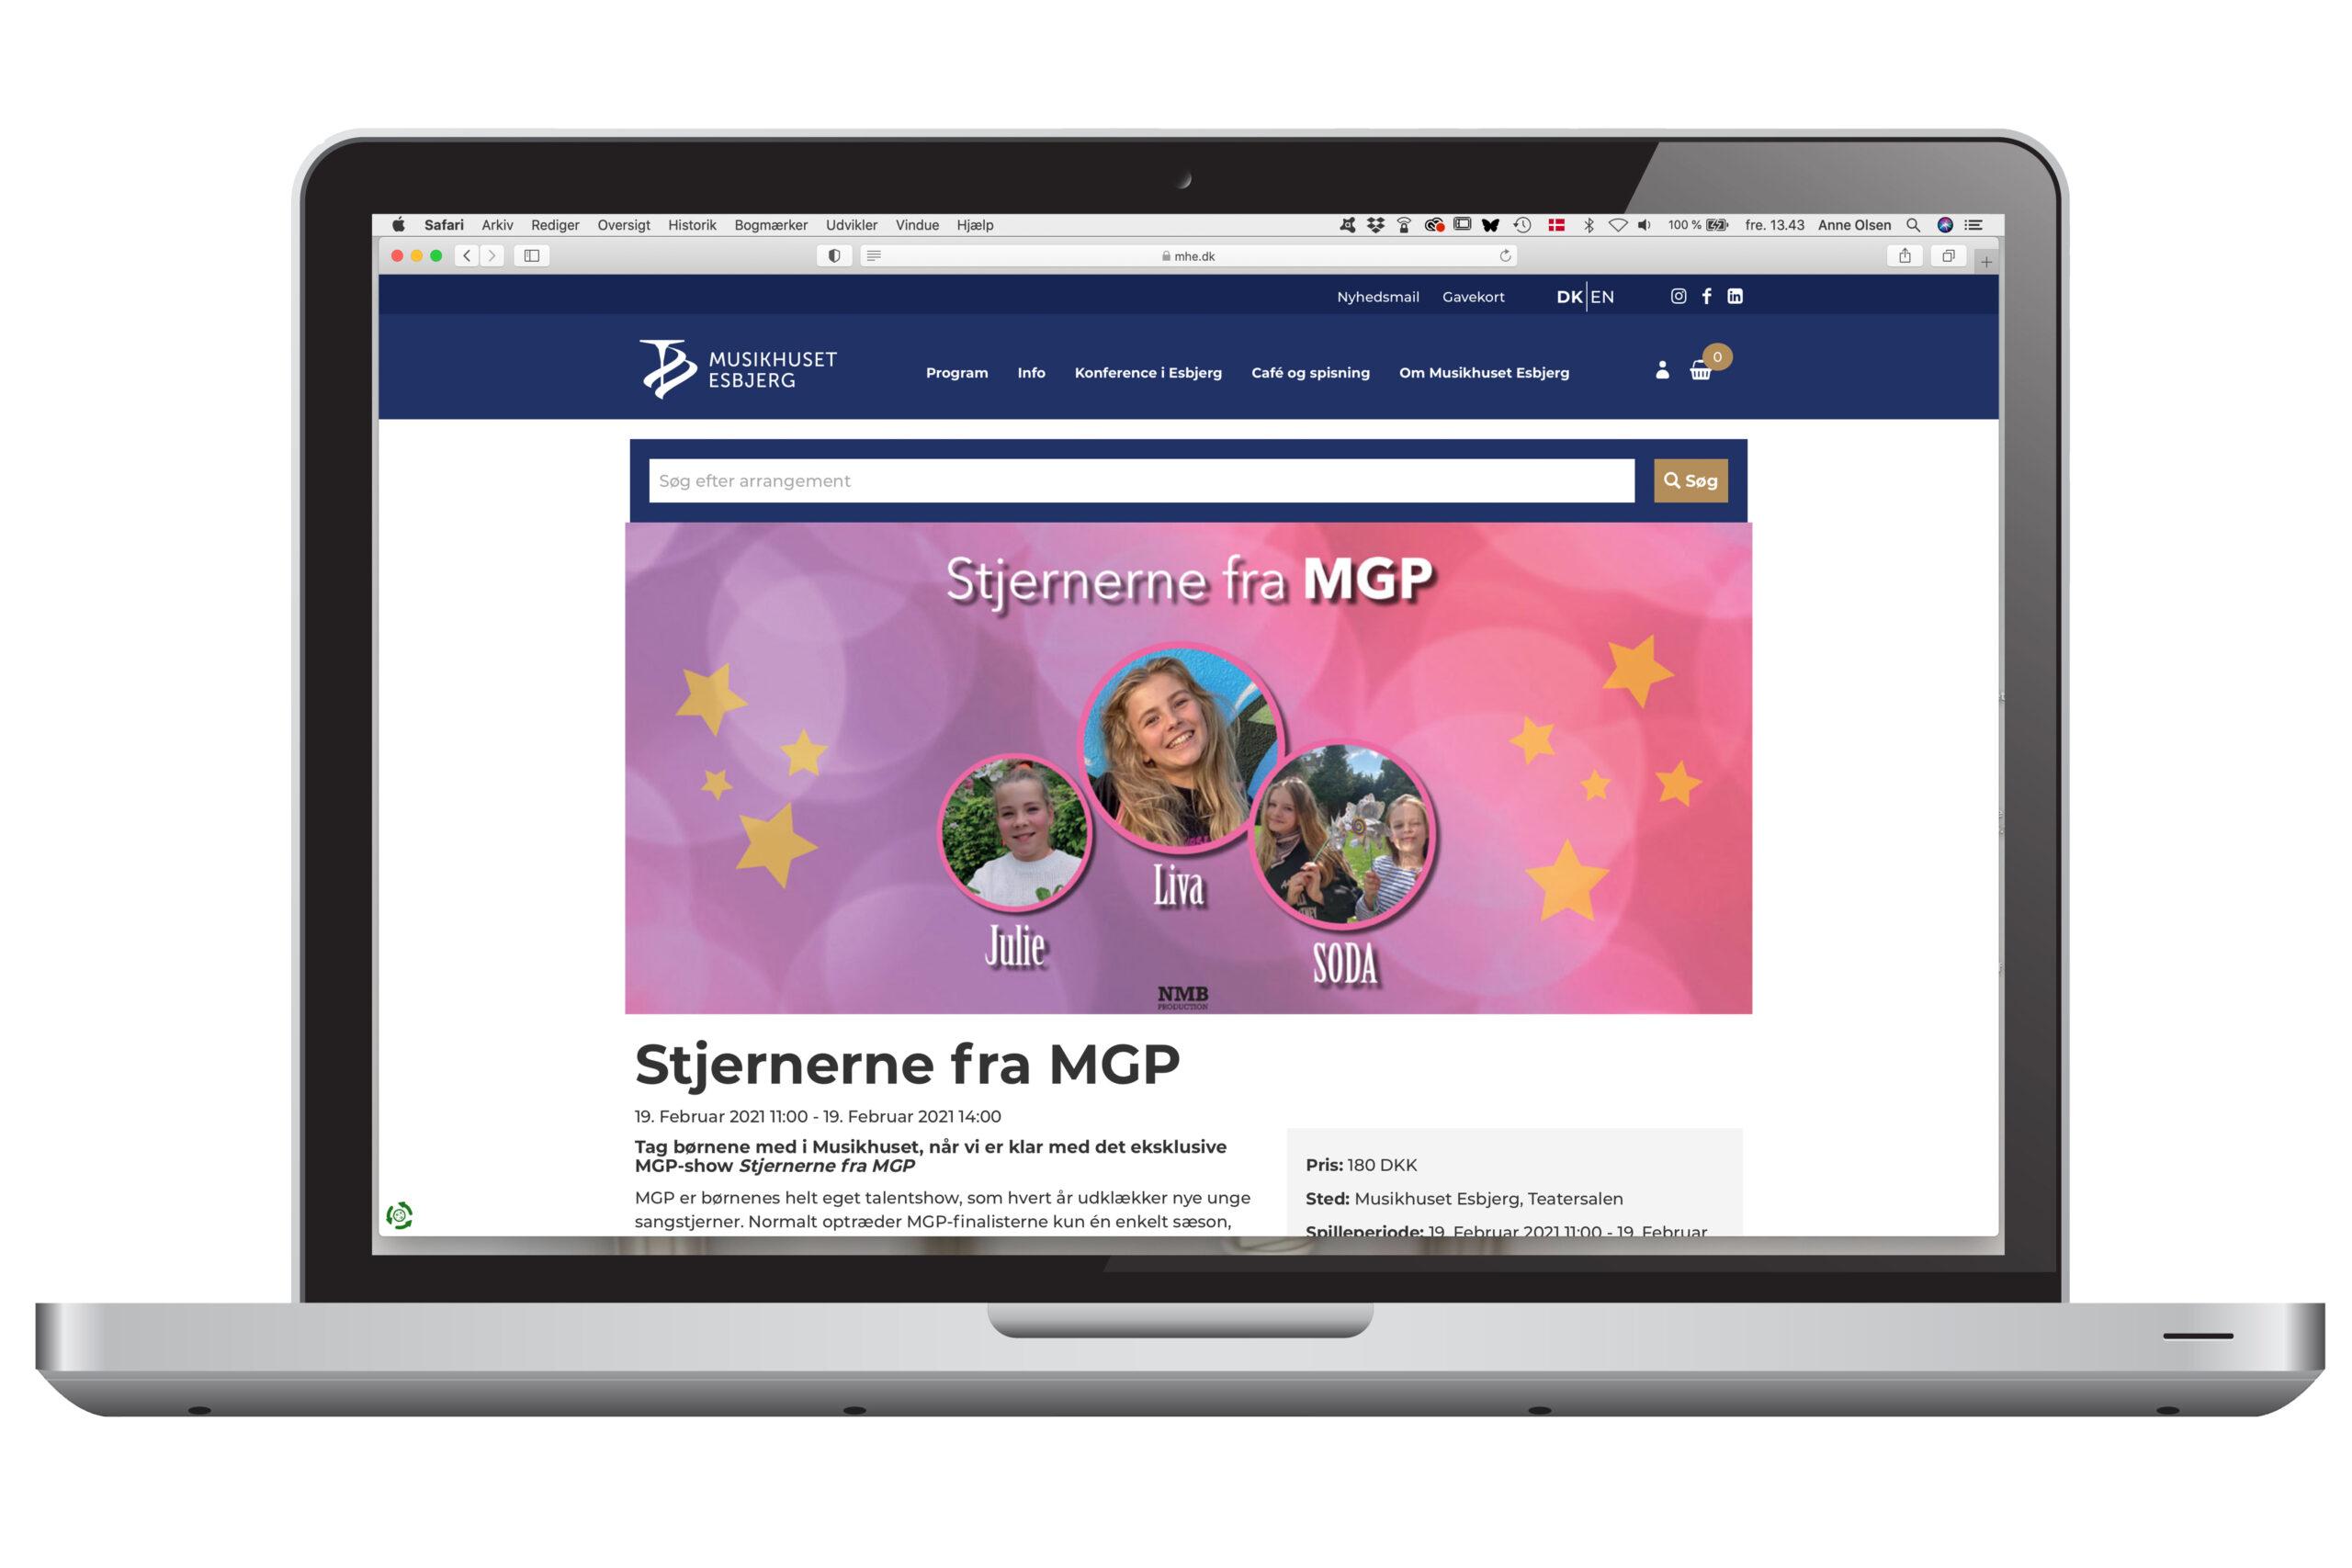 Annonce cover med 3 piger fra MGP på lyserød baggrund med stjerner og bobler